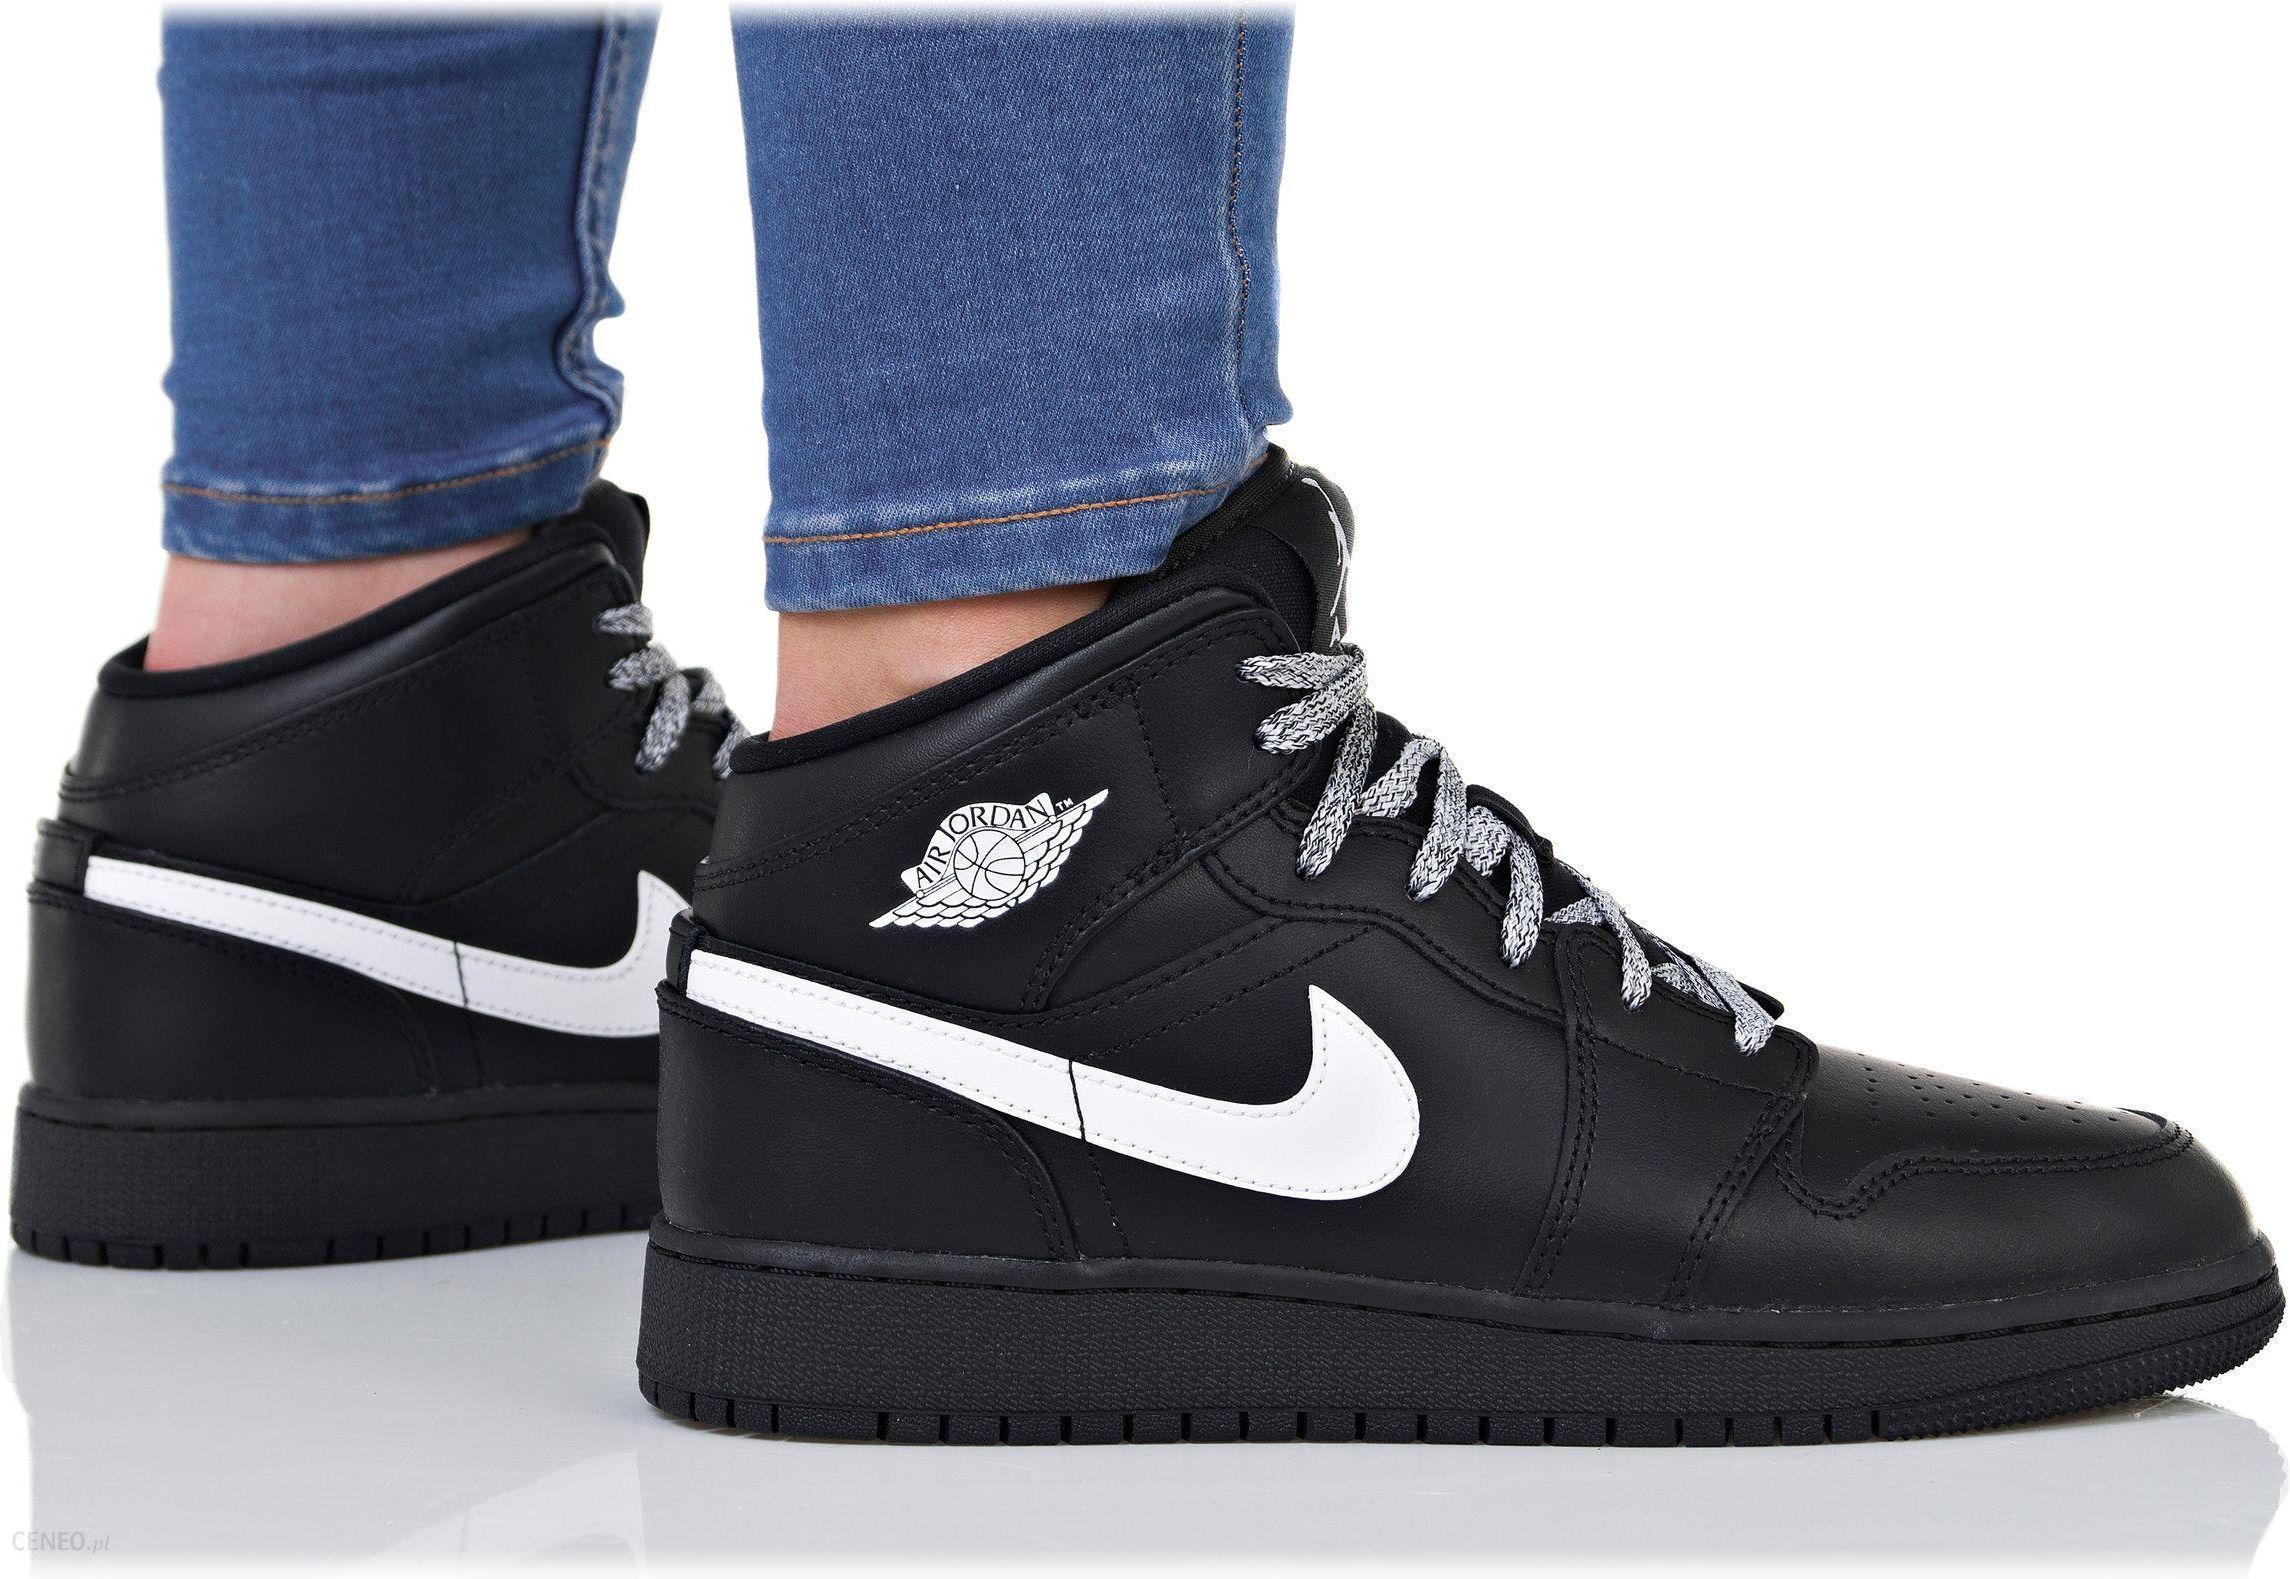 sklep z wyprzedażami sklep internetowy wyprzedaż Buty Nike Damskie Air Jordan 1 MID Bg 554725-049 - Ceny i opinie - Ceneo.pl